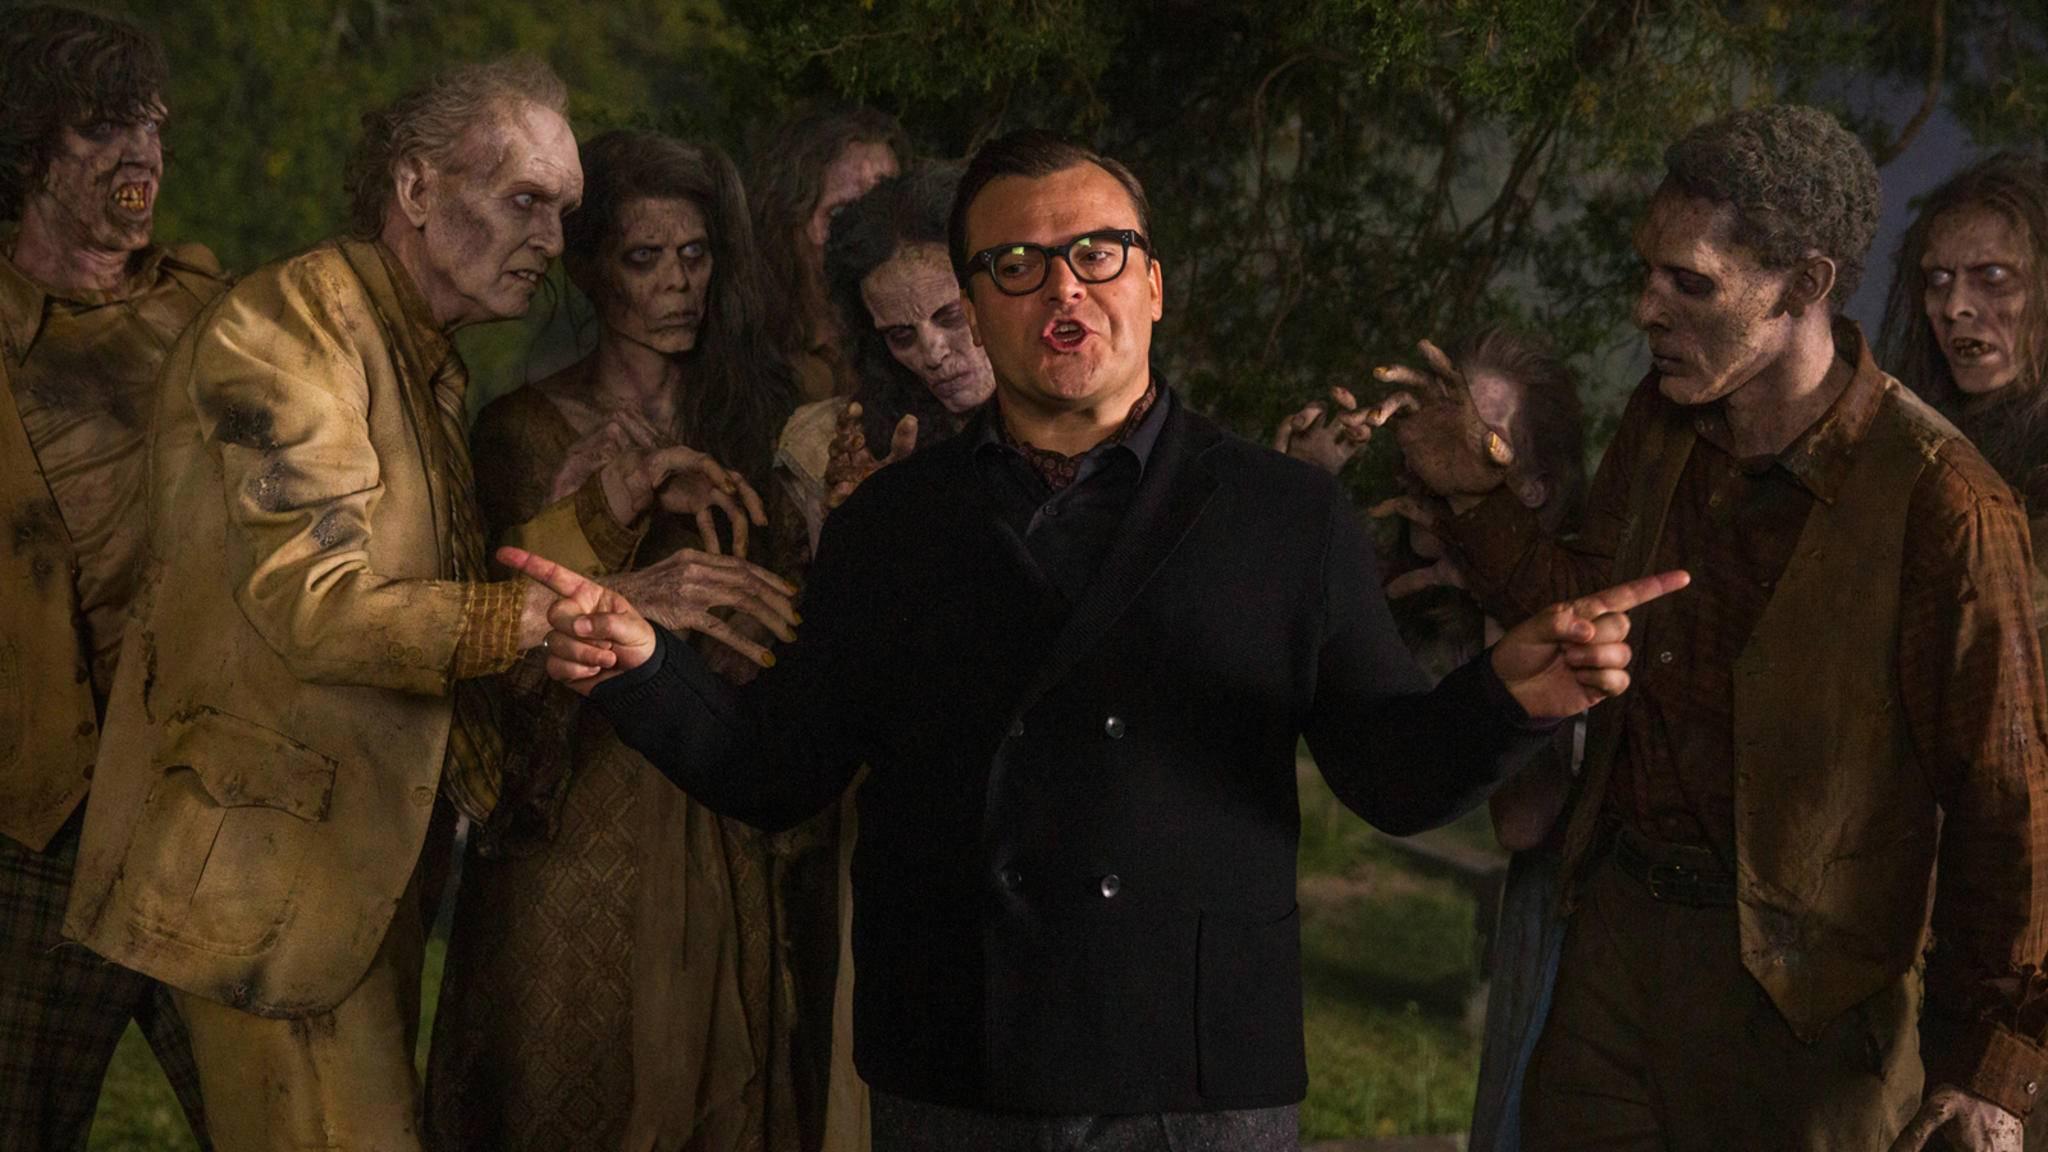 """Jagt Jack Black auch in """"Gänsehaut 2"""" als Stine wieder seinen Schöpfungen hinterher?"""